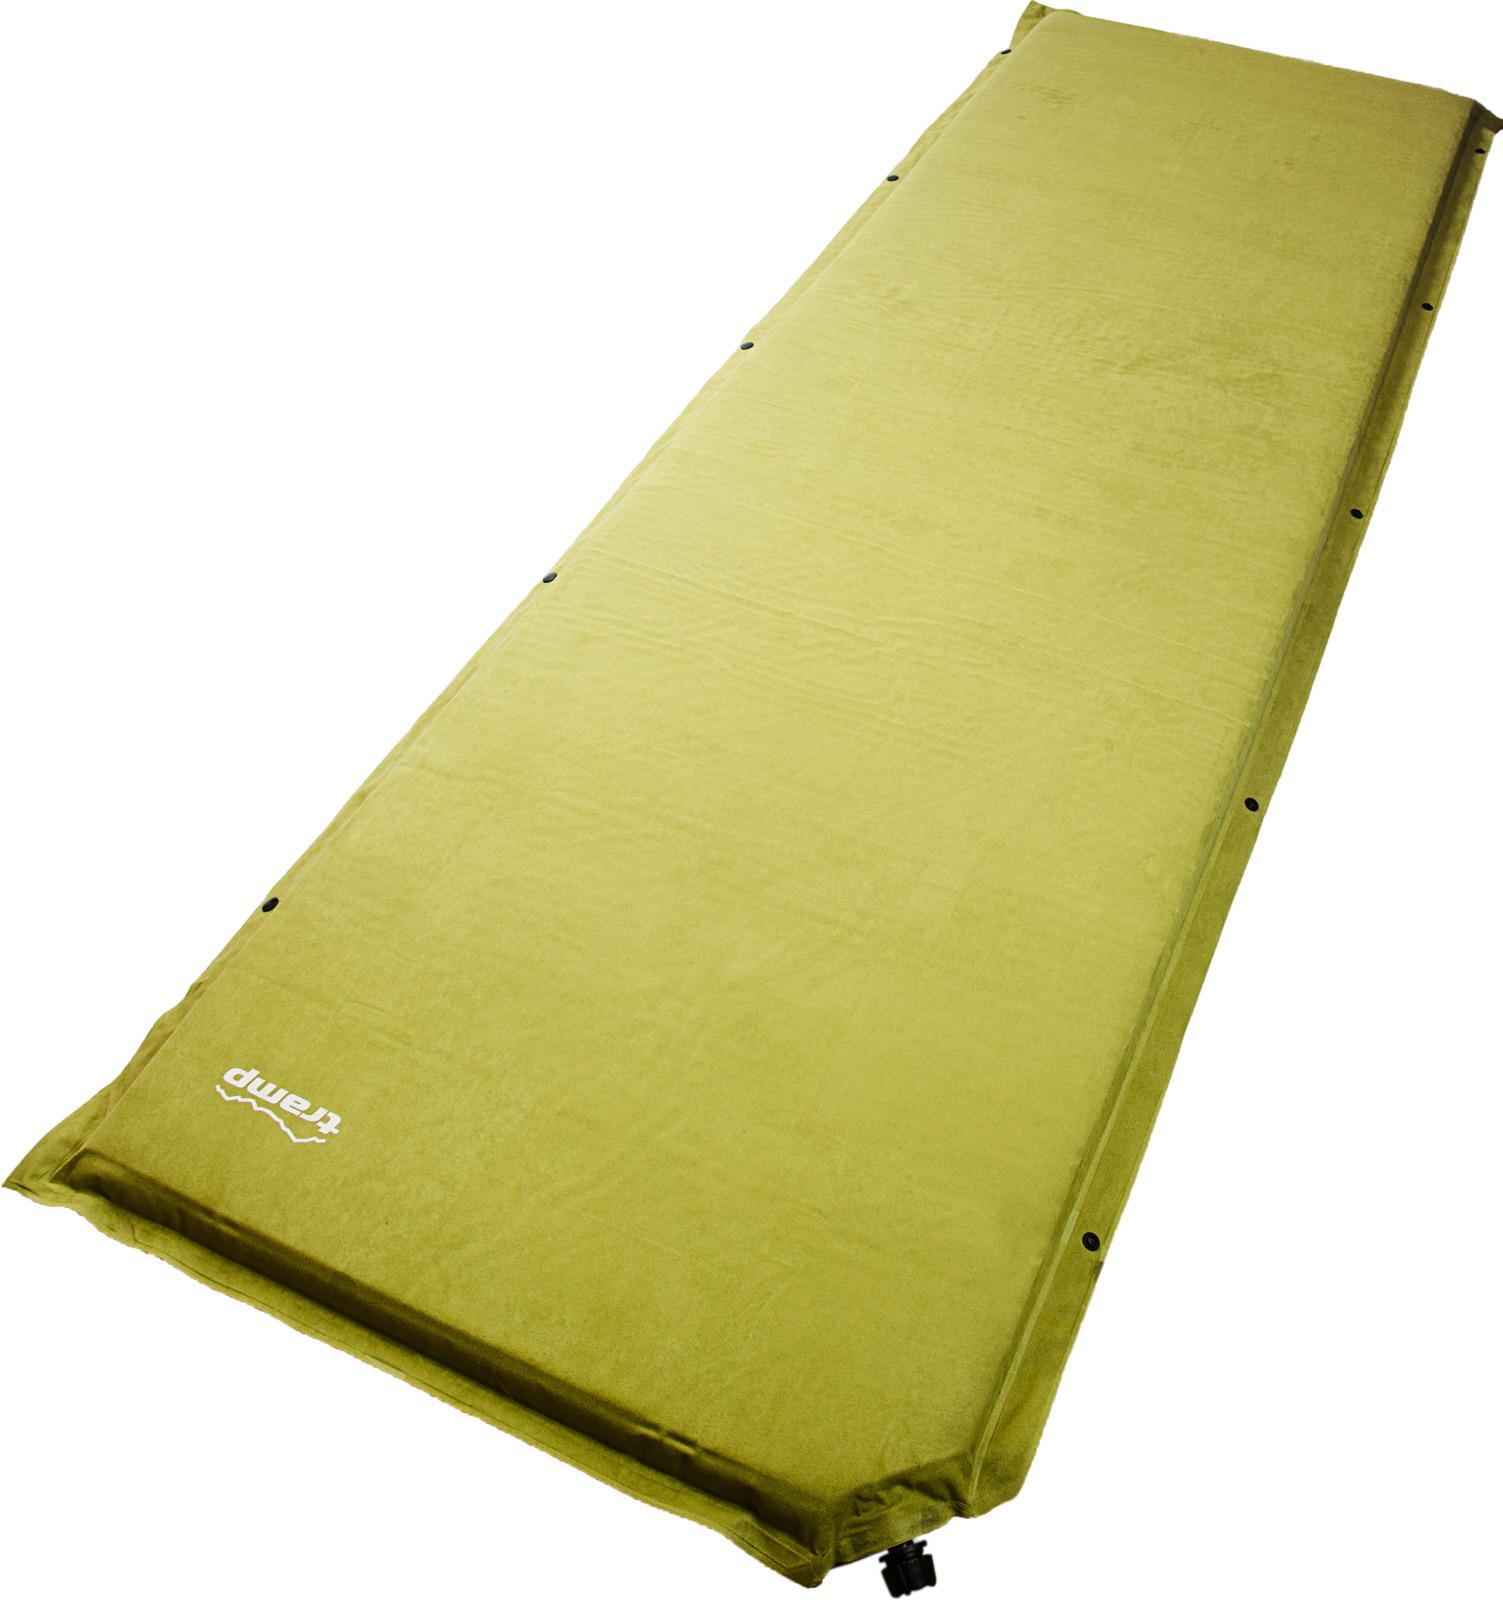 Коврик самонадувающийся Tramp Комфорт плюс, TRI-010, оливковый, 190 х 65 х 5 см коврик tramp tri 002